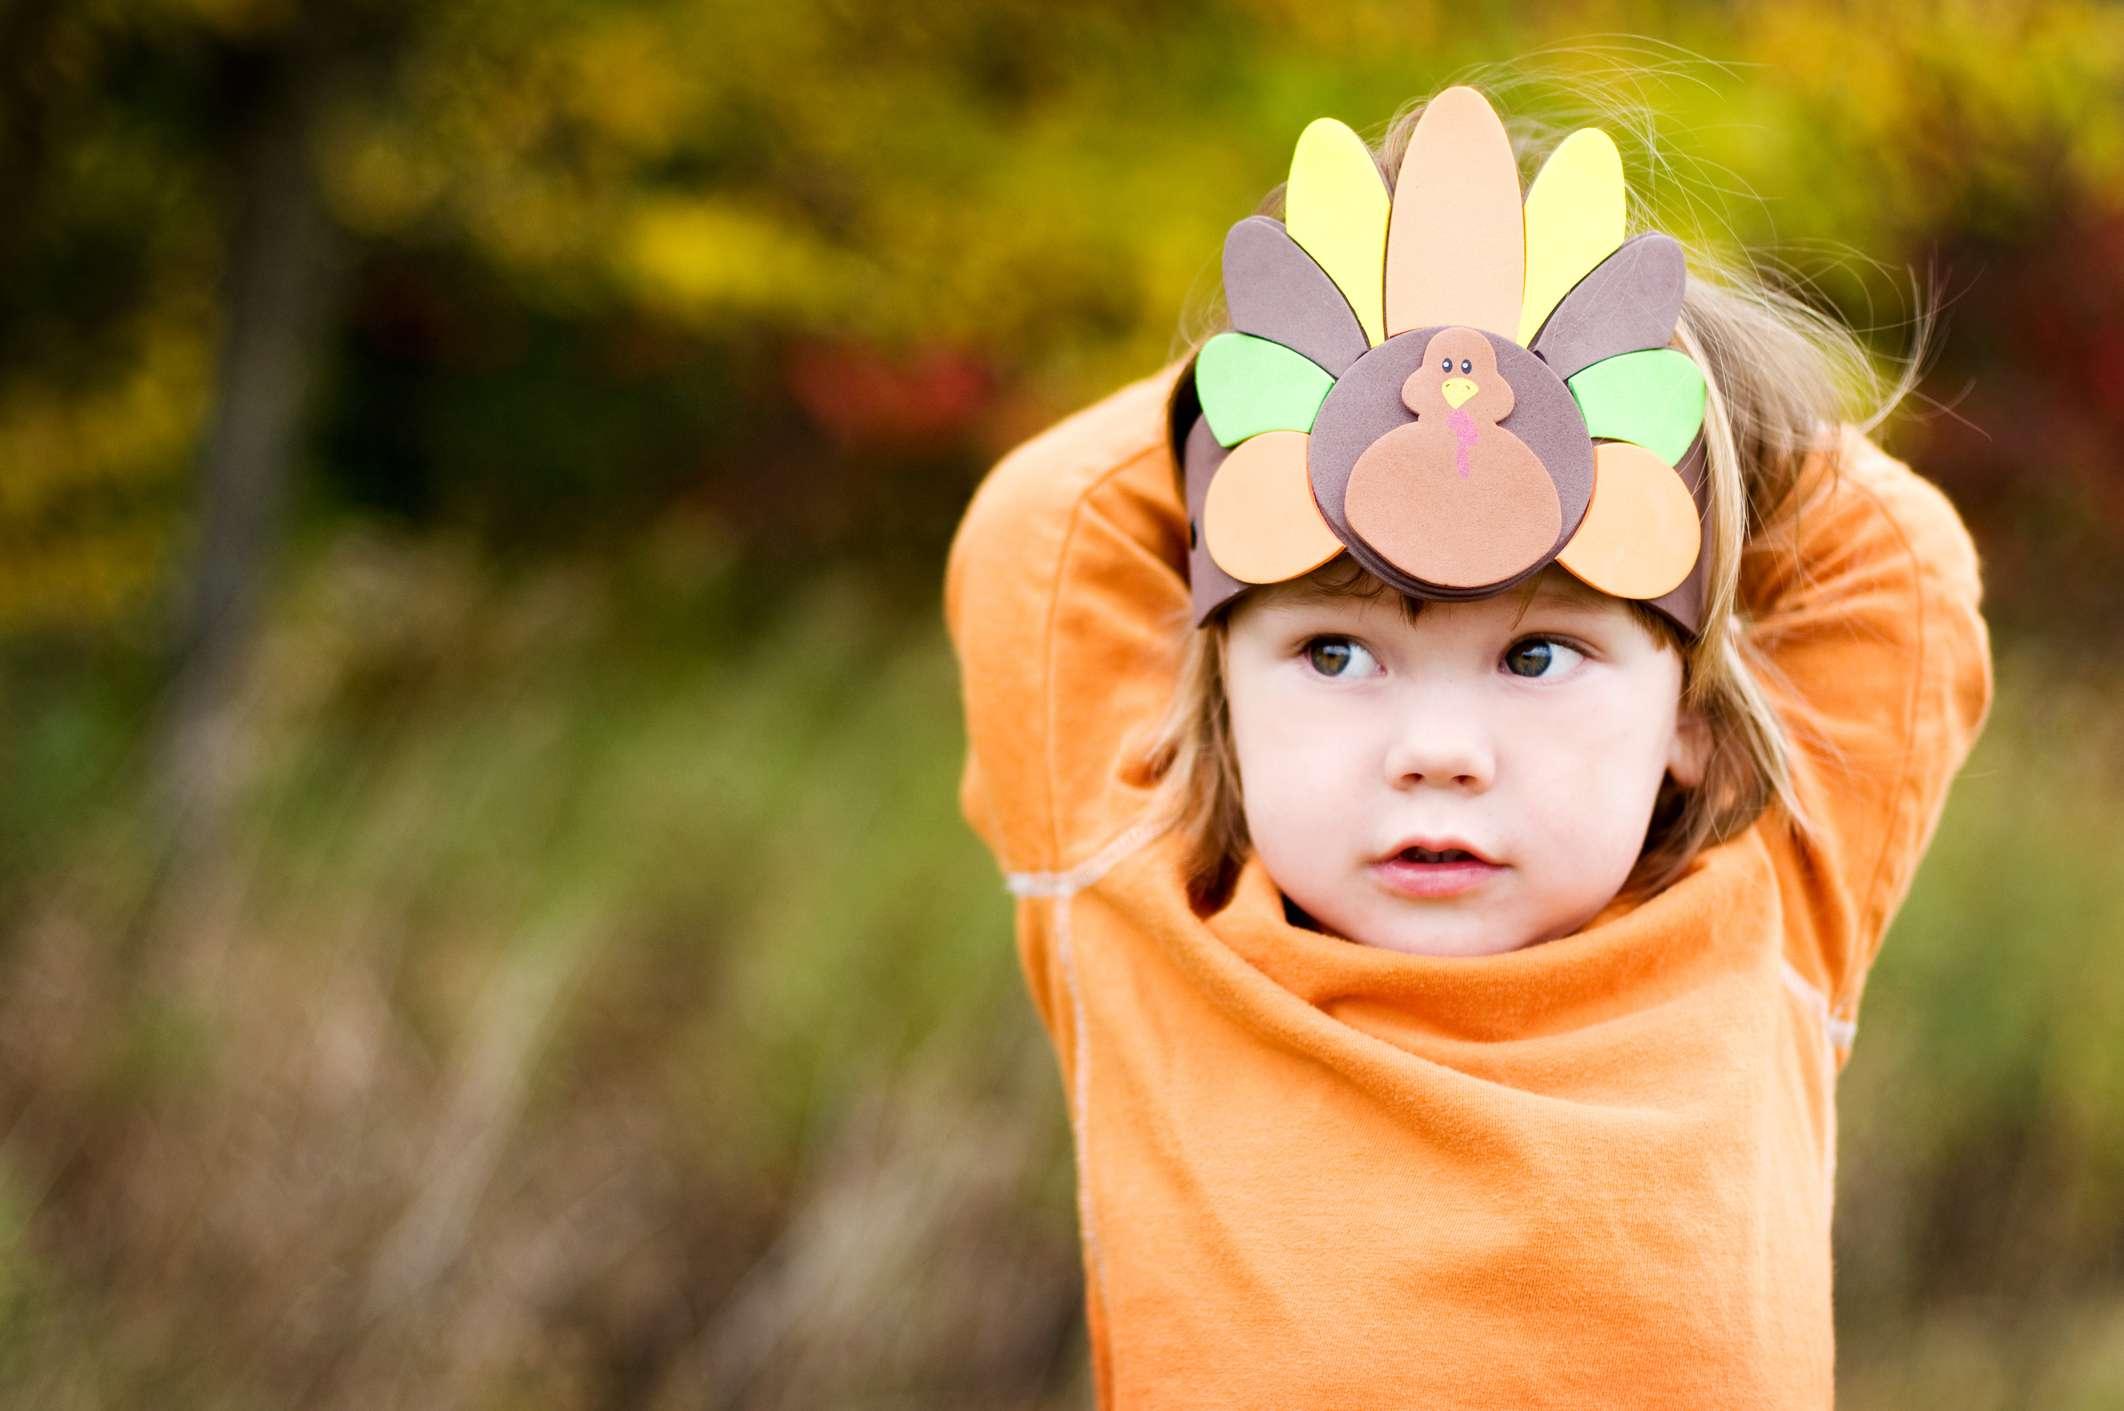 Ein Mädchen, das einen Thanksgiving-Truthahnkopfschmuck trägt